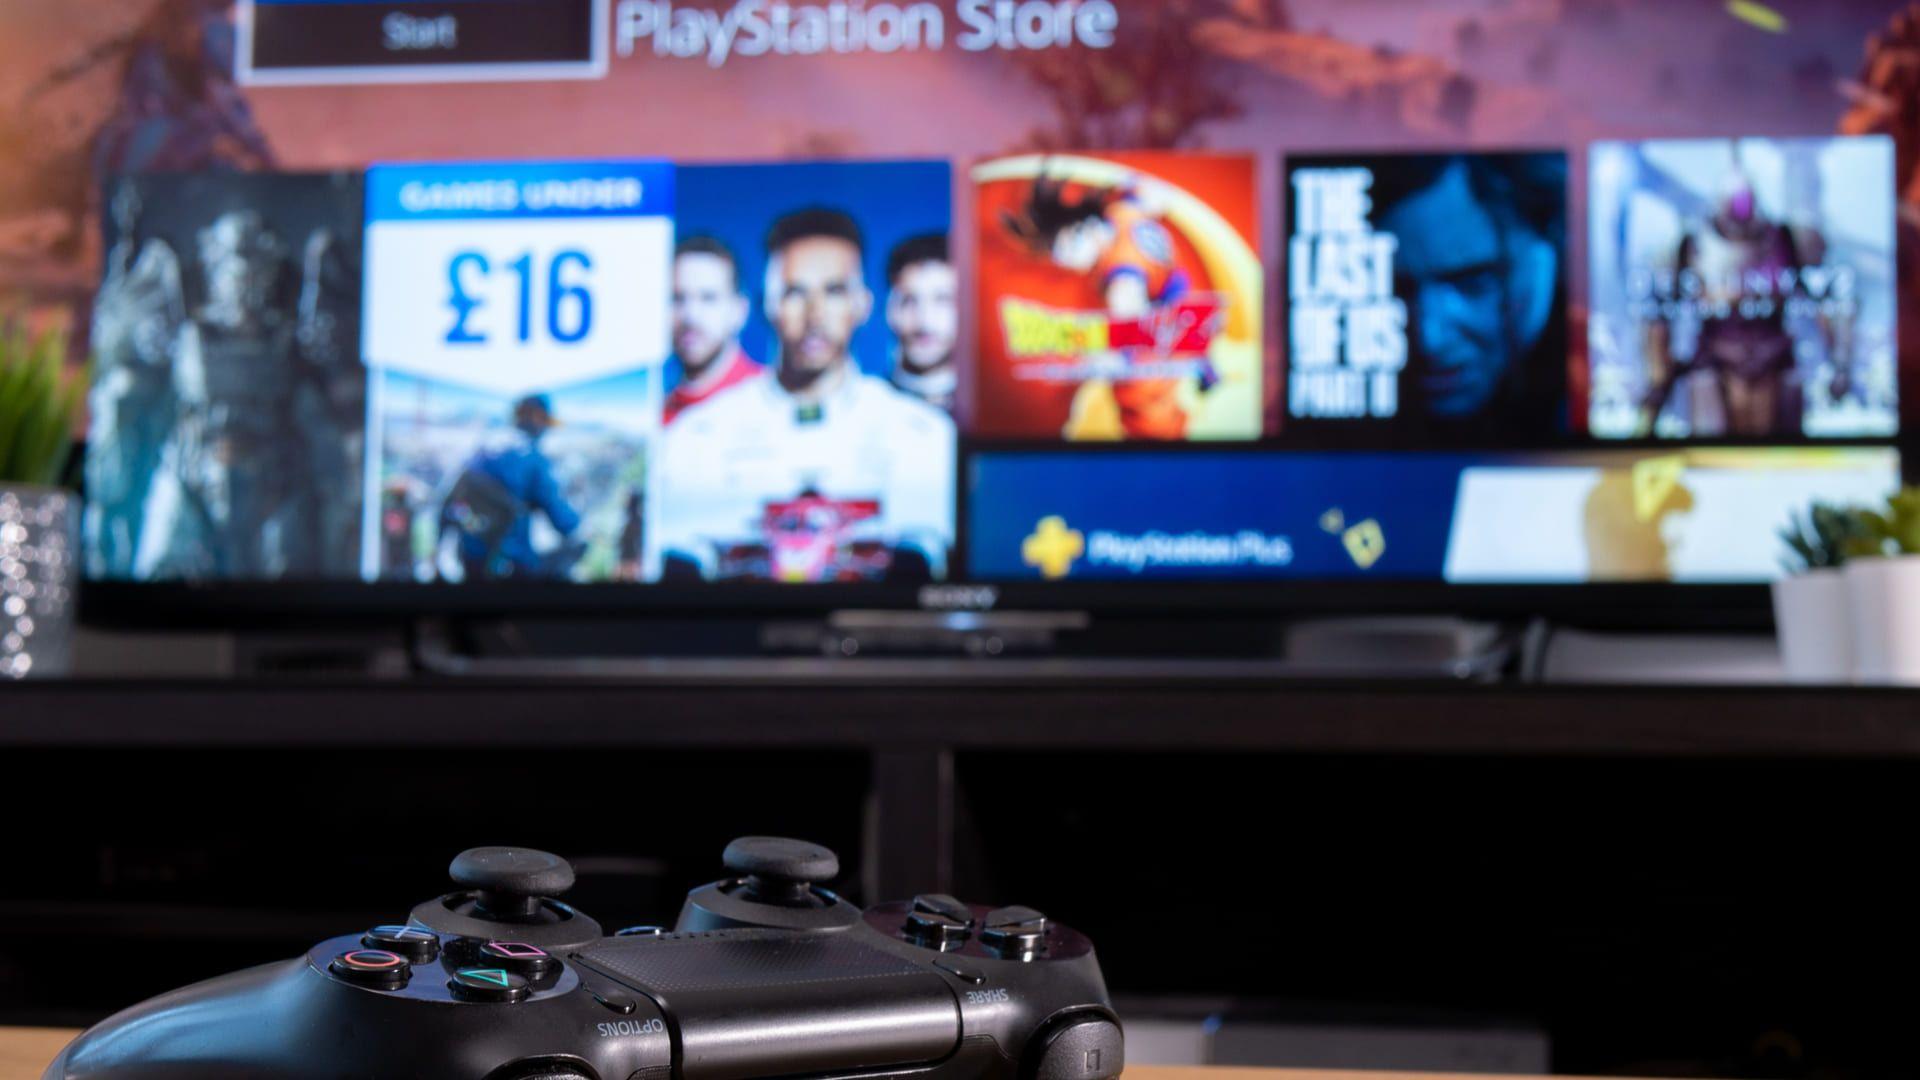 Veja a diferença entre a PS Store e a PS Plus (Foto: Reprodução/Shutterstock)